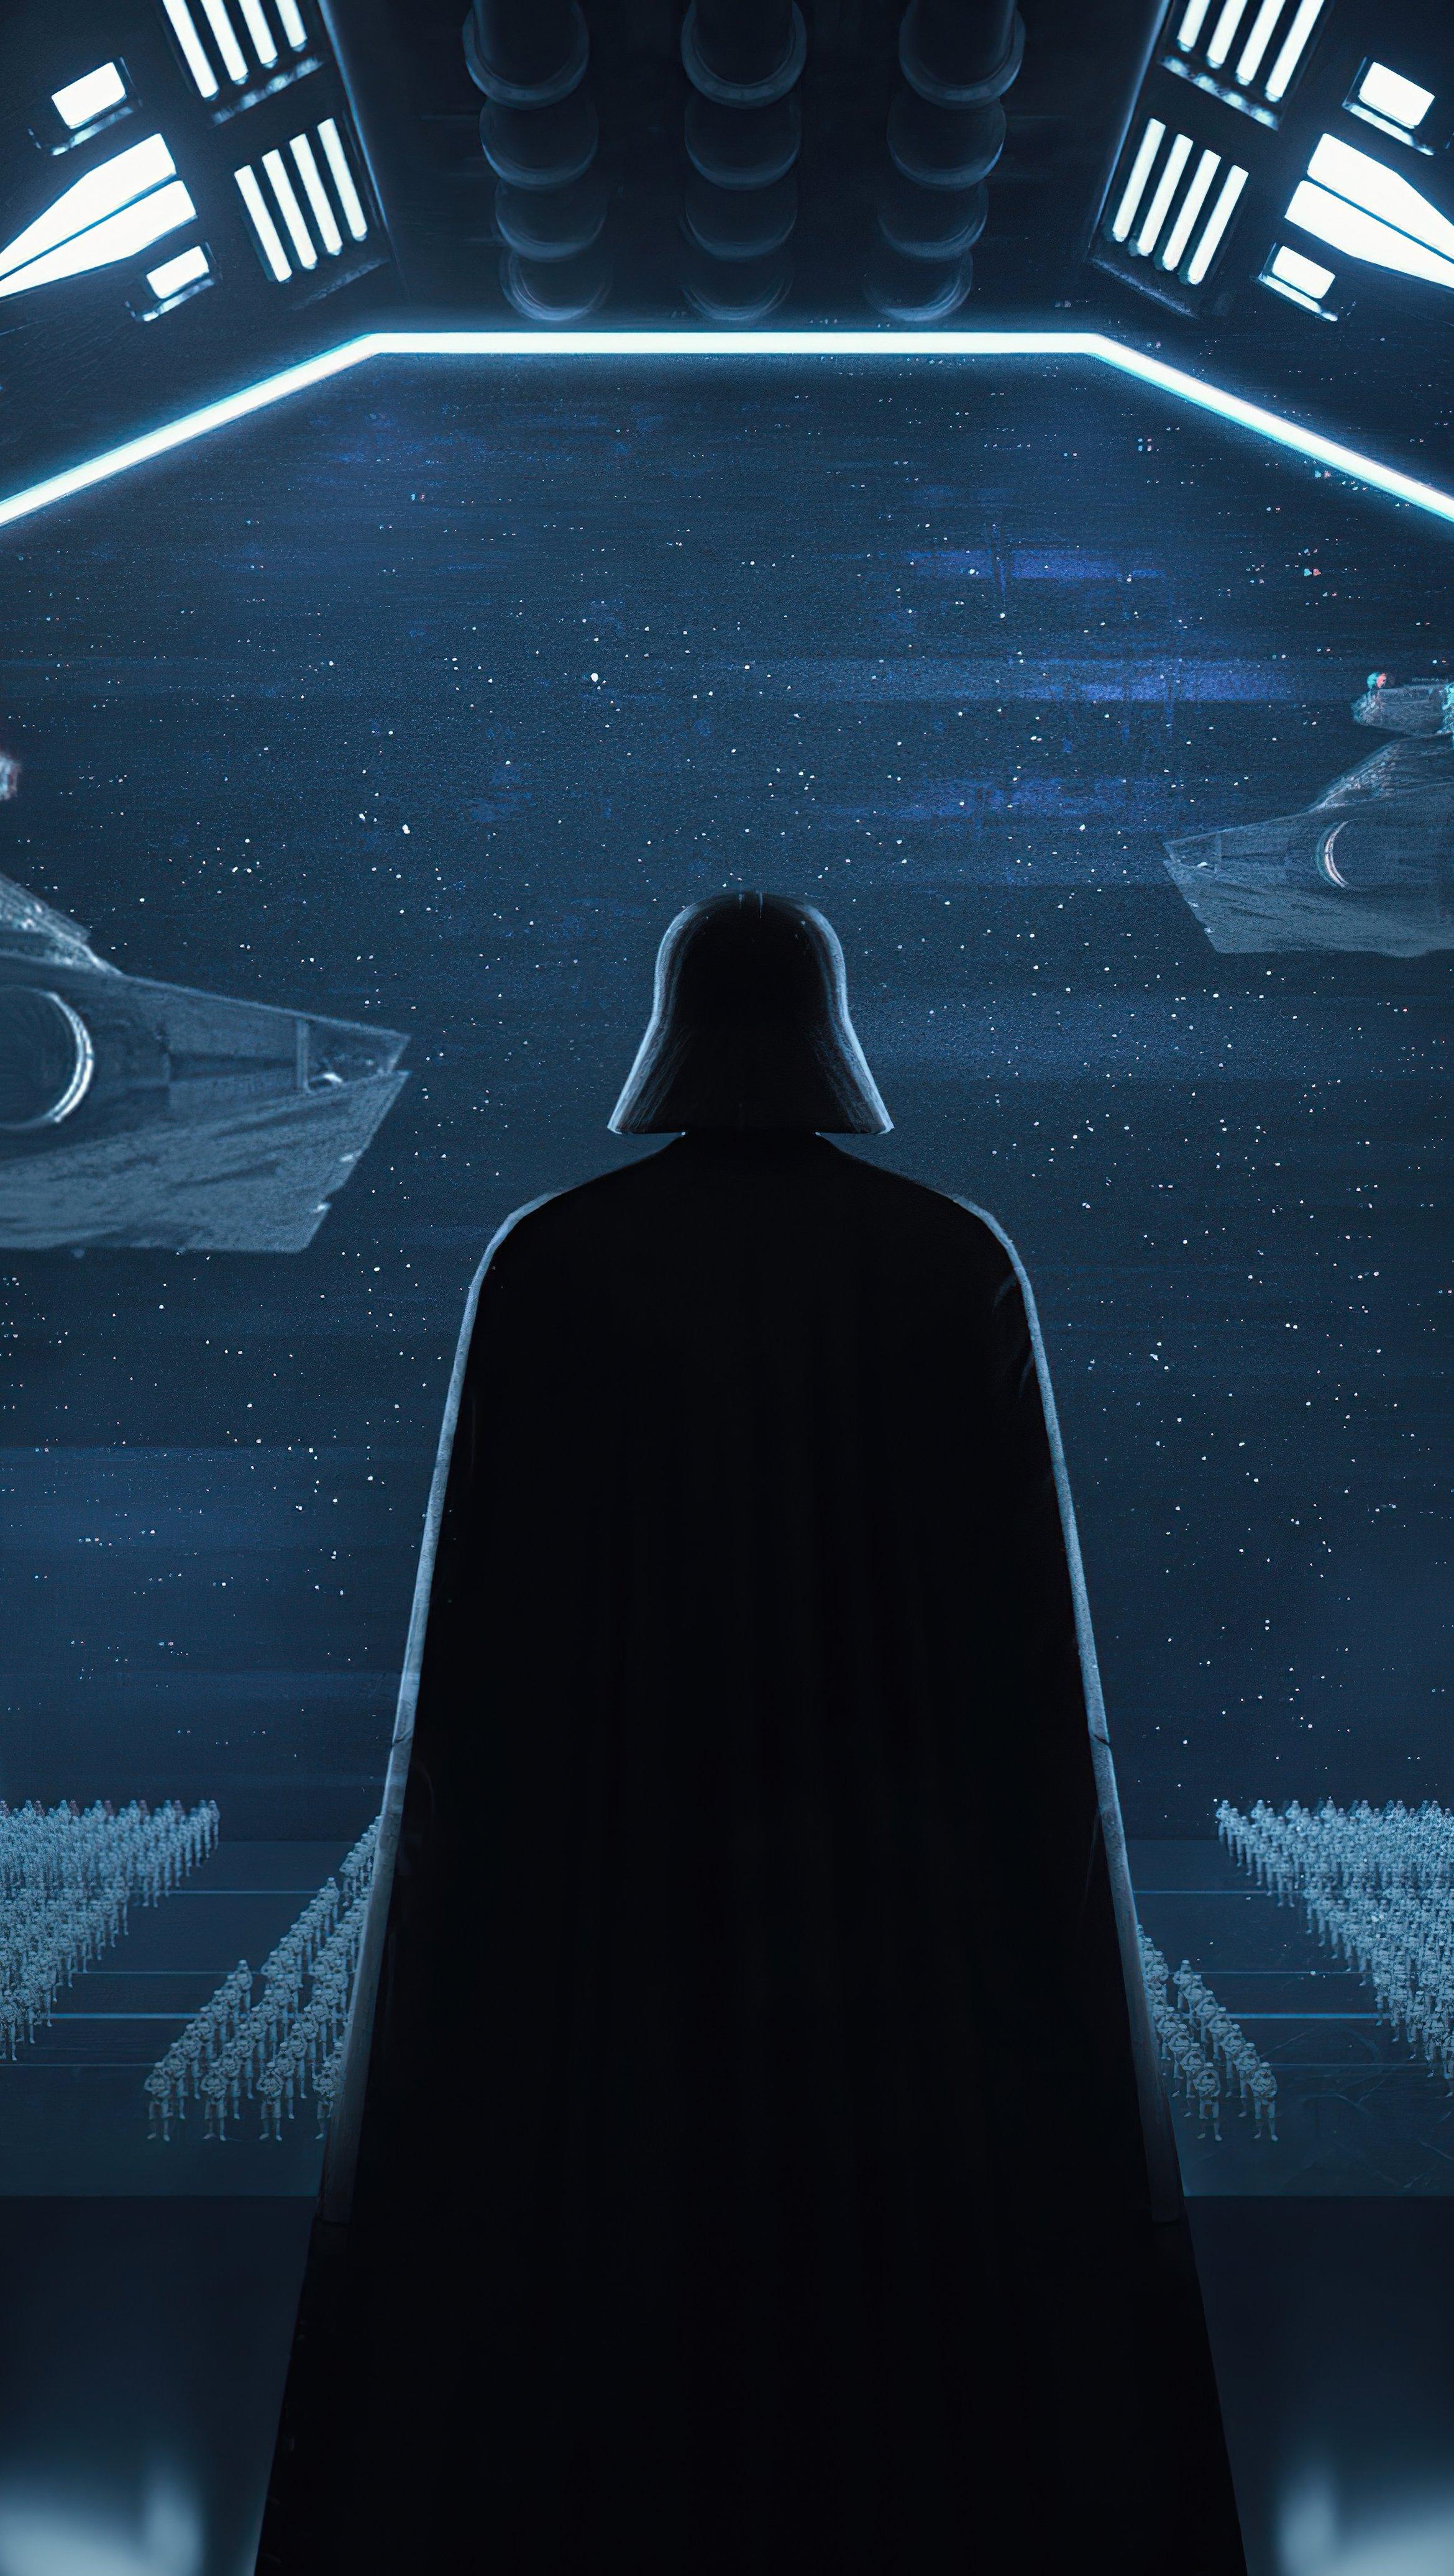 Wallpaper Darth Vader in Ship Vertical